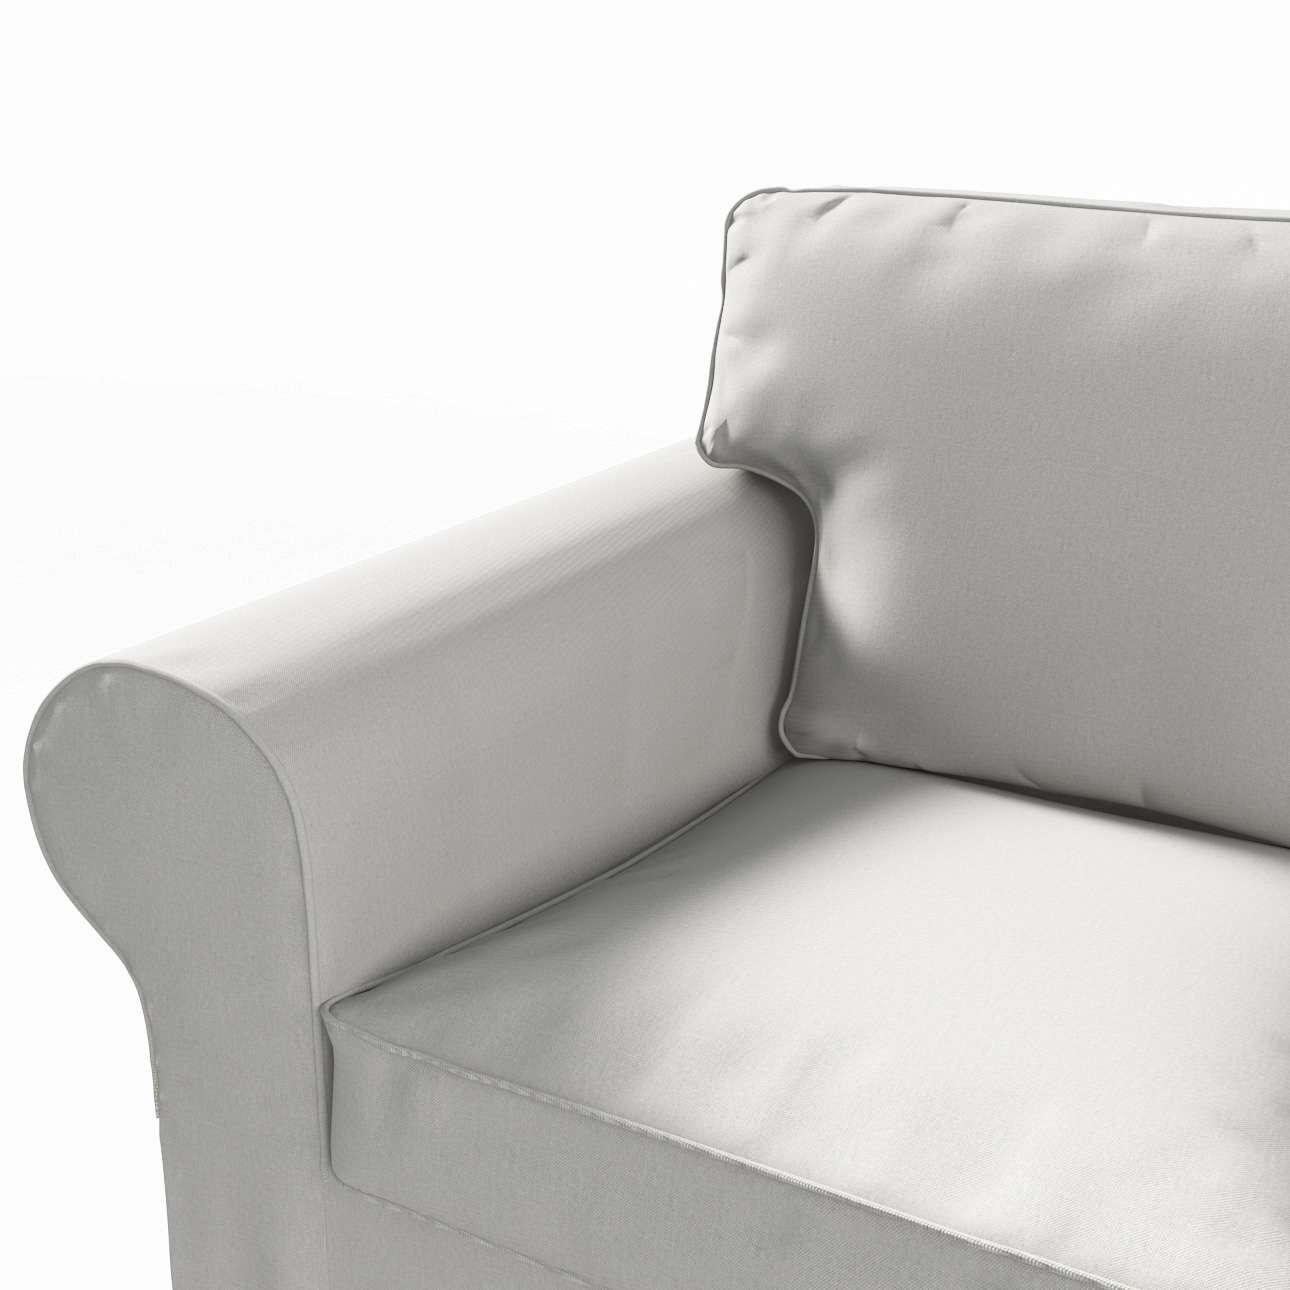 Ektorp 3-Sitzer Schlafsofabezug neues Modell (2013) von der Kollektion Etna, Stoff: 705-90